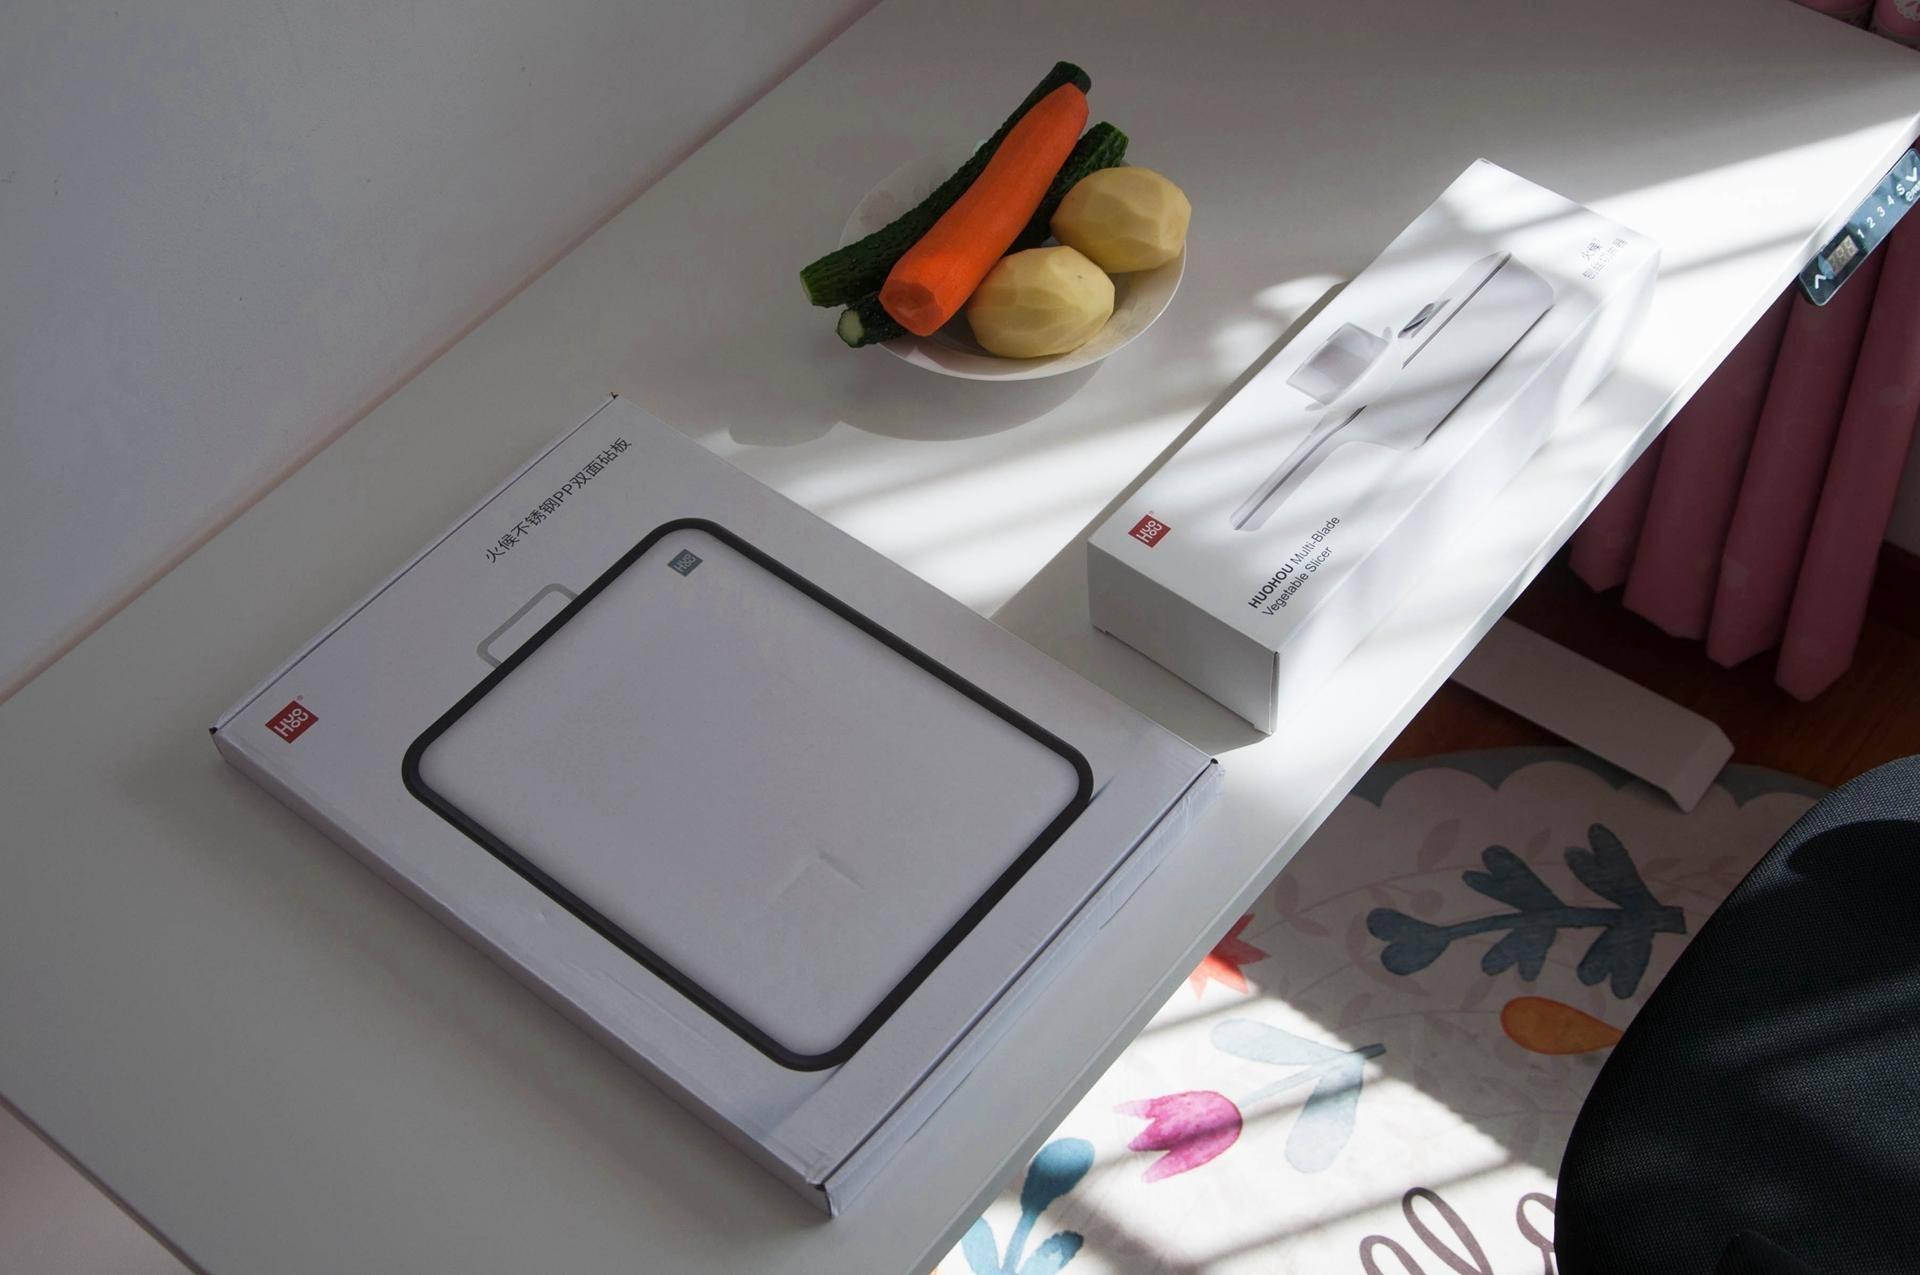 厨房有好吃的,多功能刨丝器不锈钢PP双面砧板,懂吗?